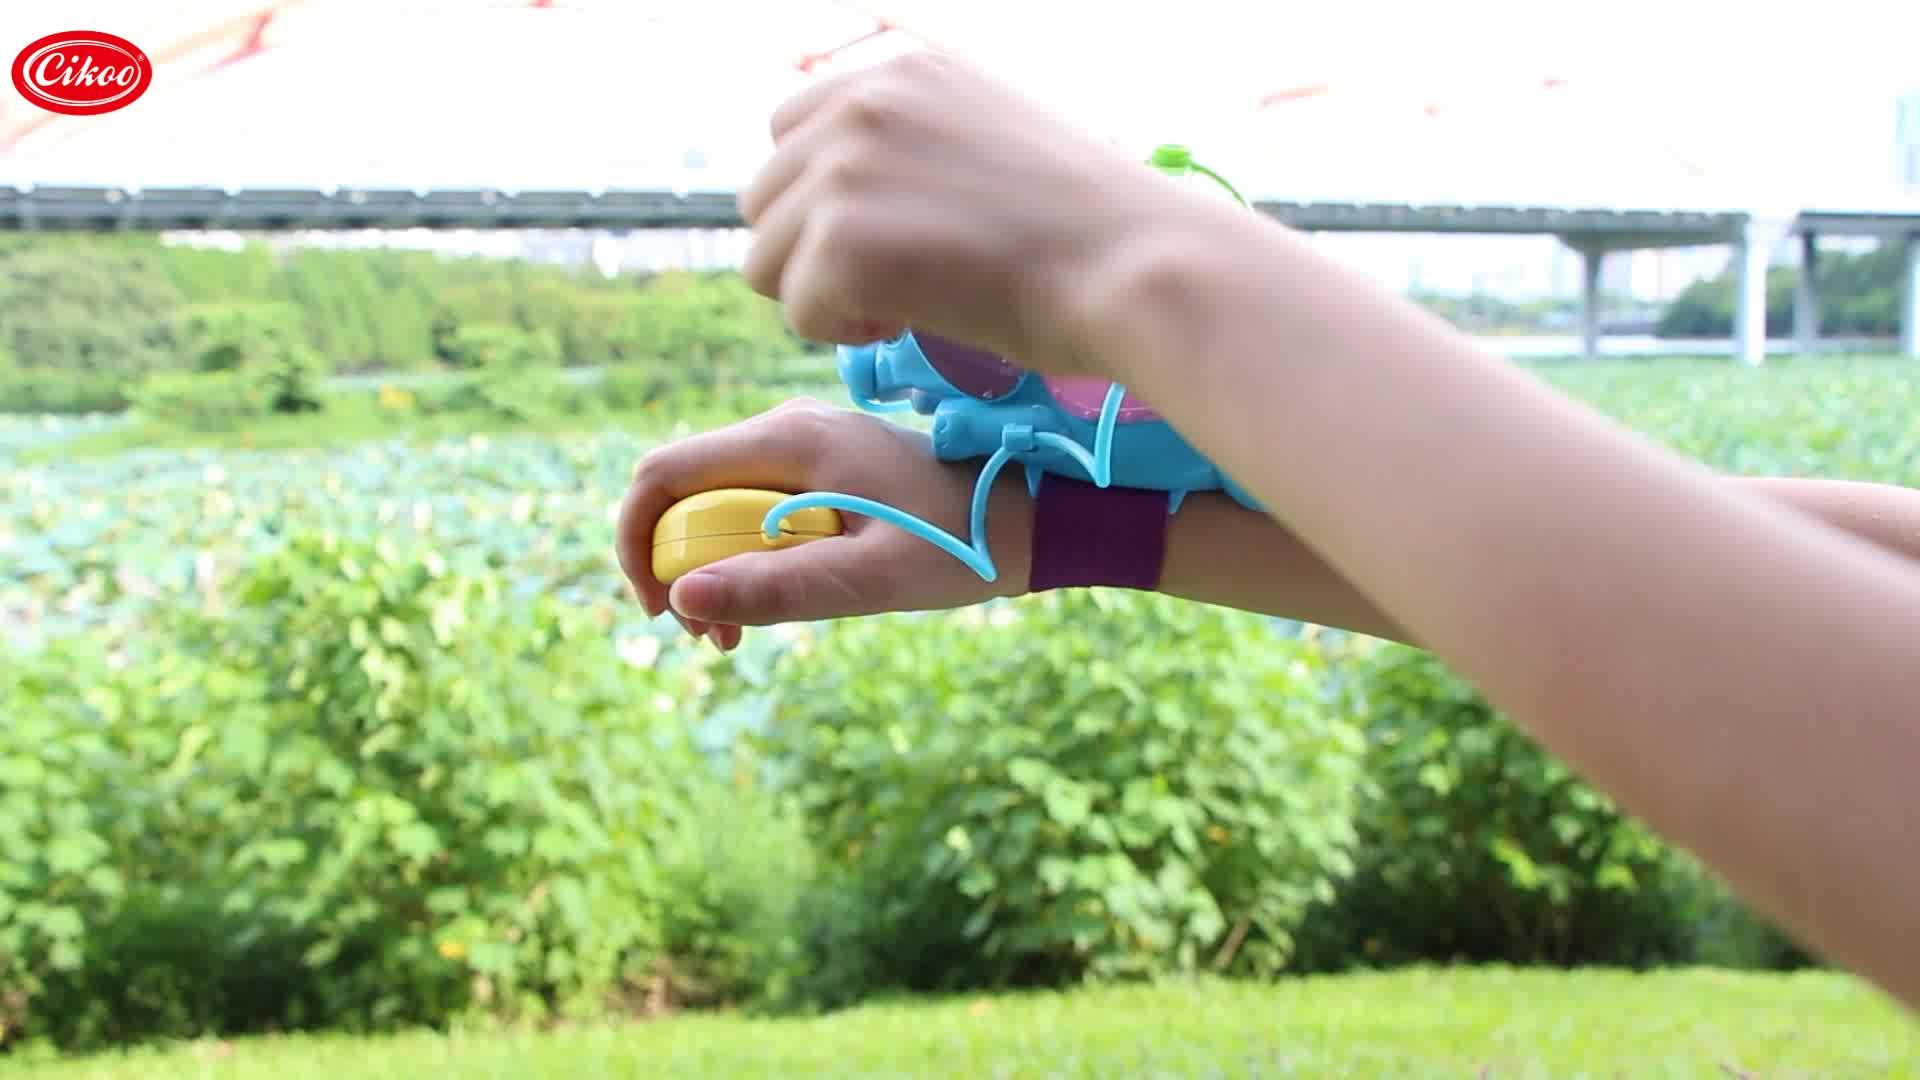 Cikoo 2019 Hohe Qualität Kid Spielzeug Elefanten Wasser Blaster Spielzeug EN71 ASTM CPC HR4040